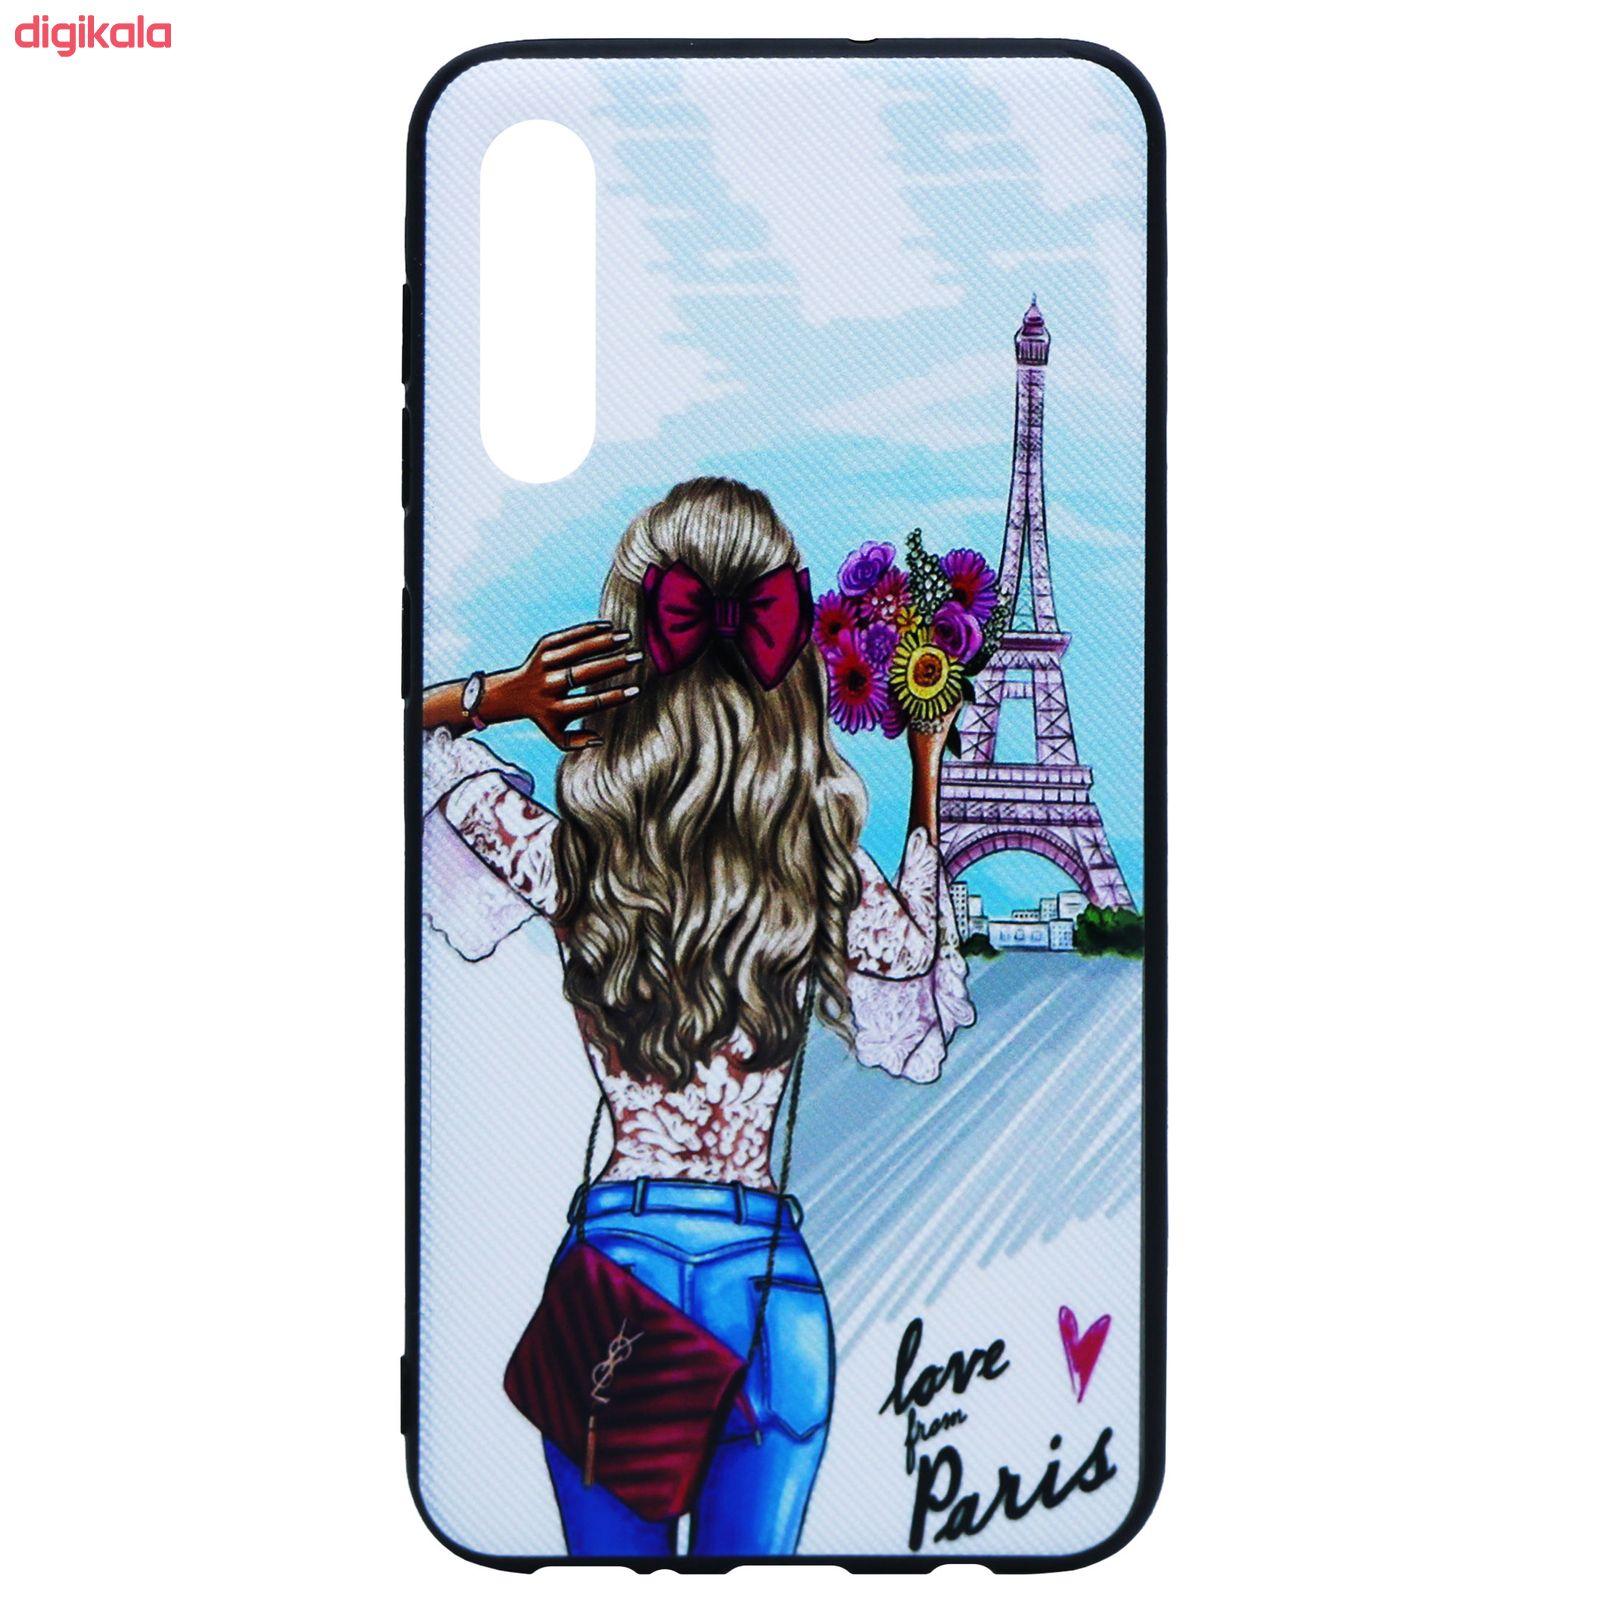 کاور طرح Red Bag مدل SS-01 مناسب برای گوشی موبایل سامسونگ Galaxy A50/A50s/A30s main 1 1